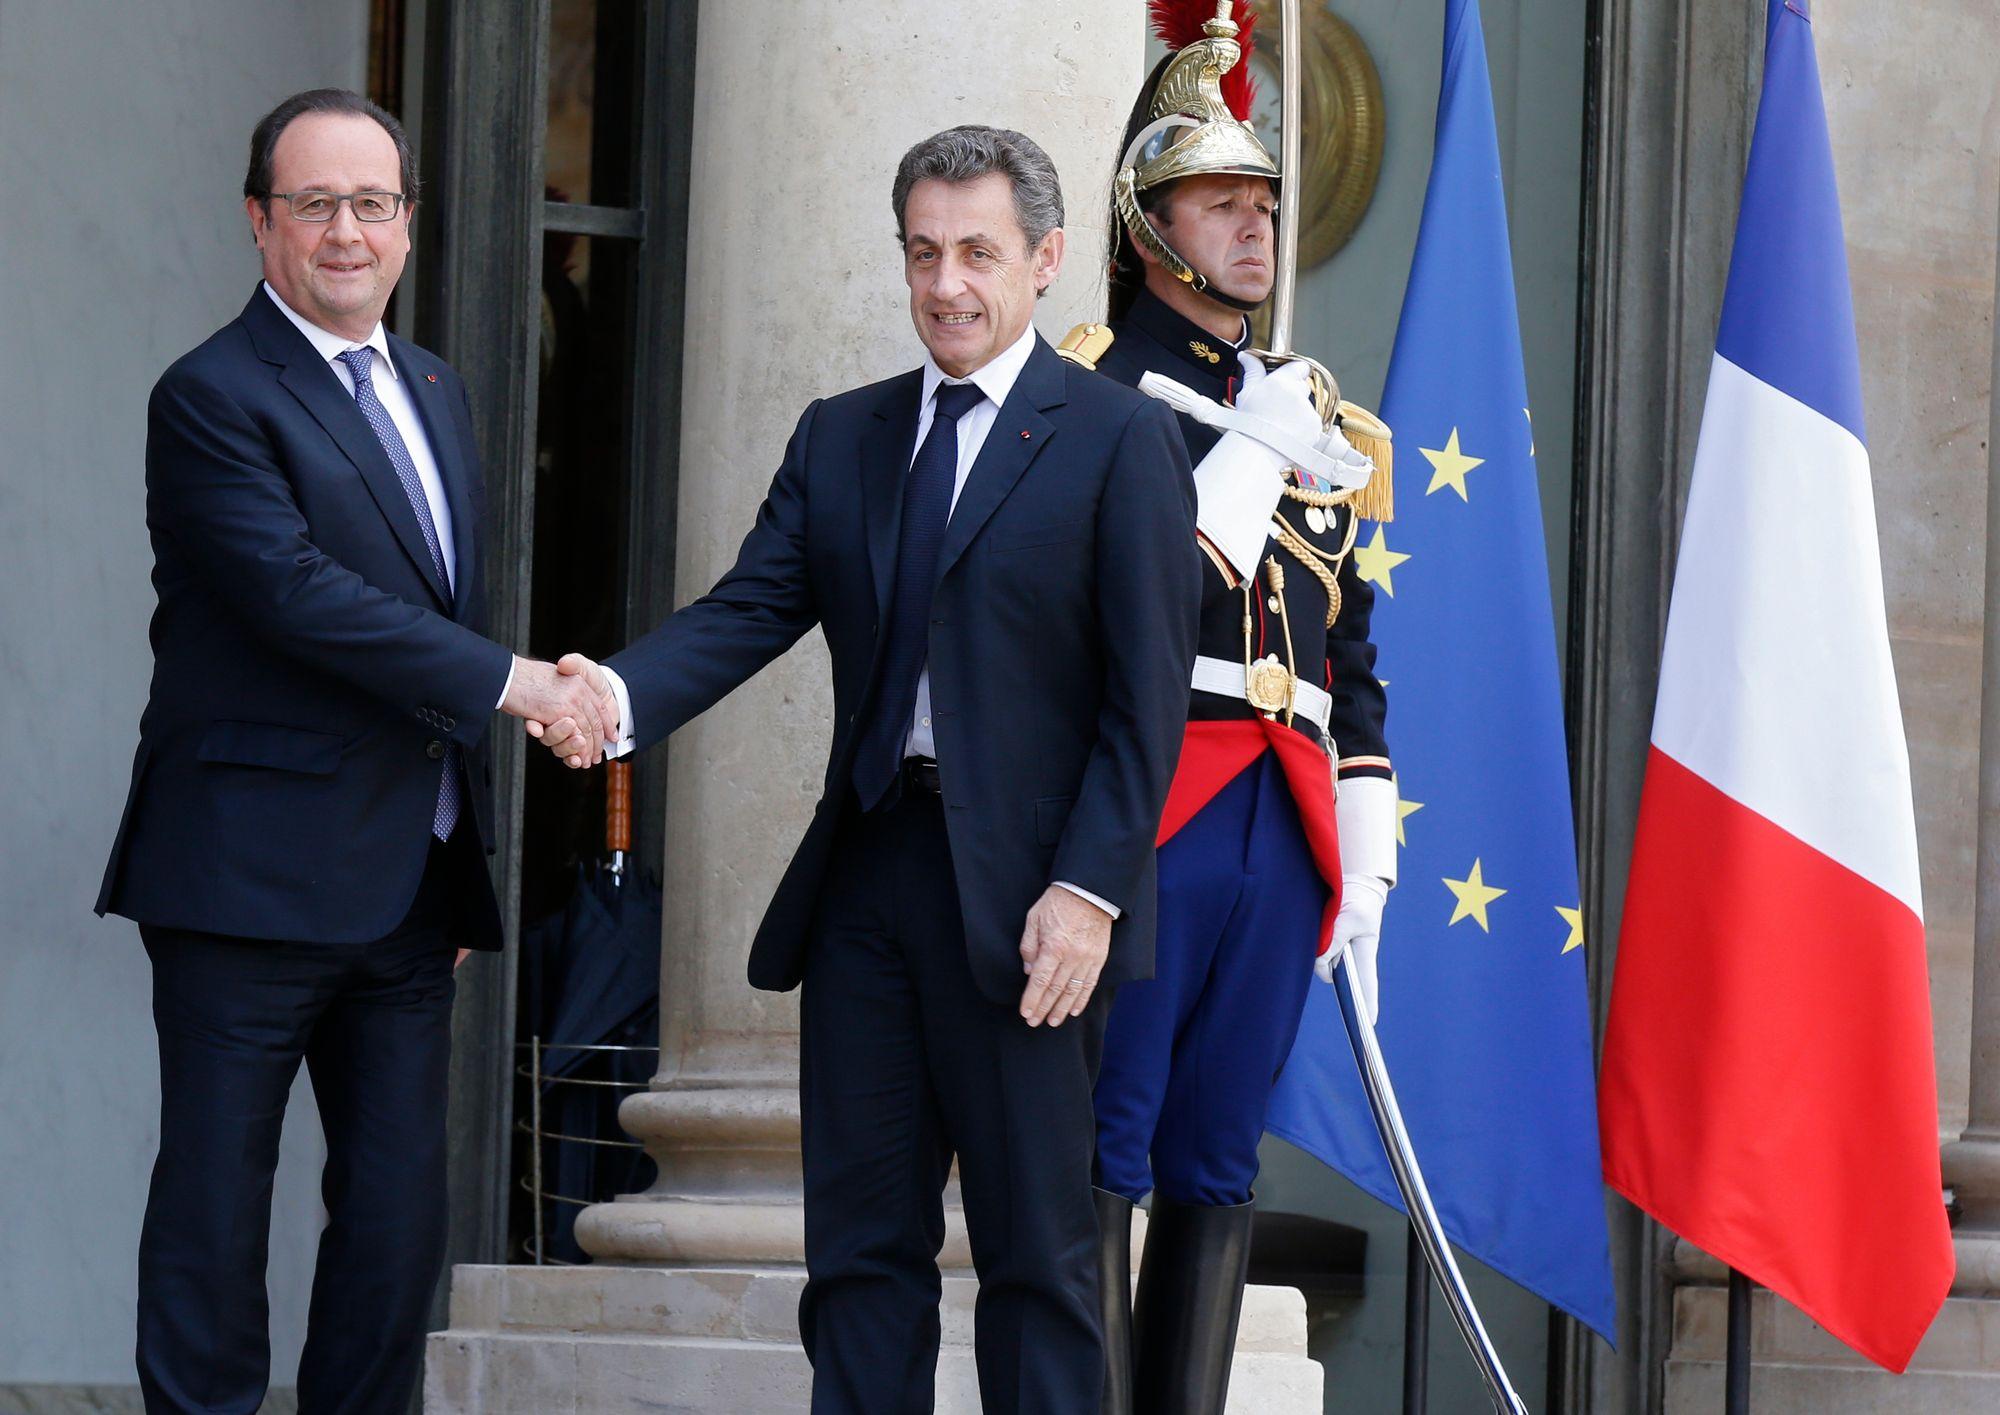 Quand la CIA espionnait les candidats à la présidentielle française de 2012